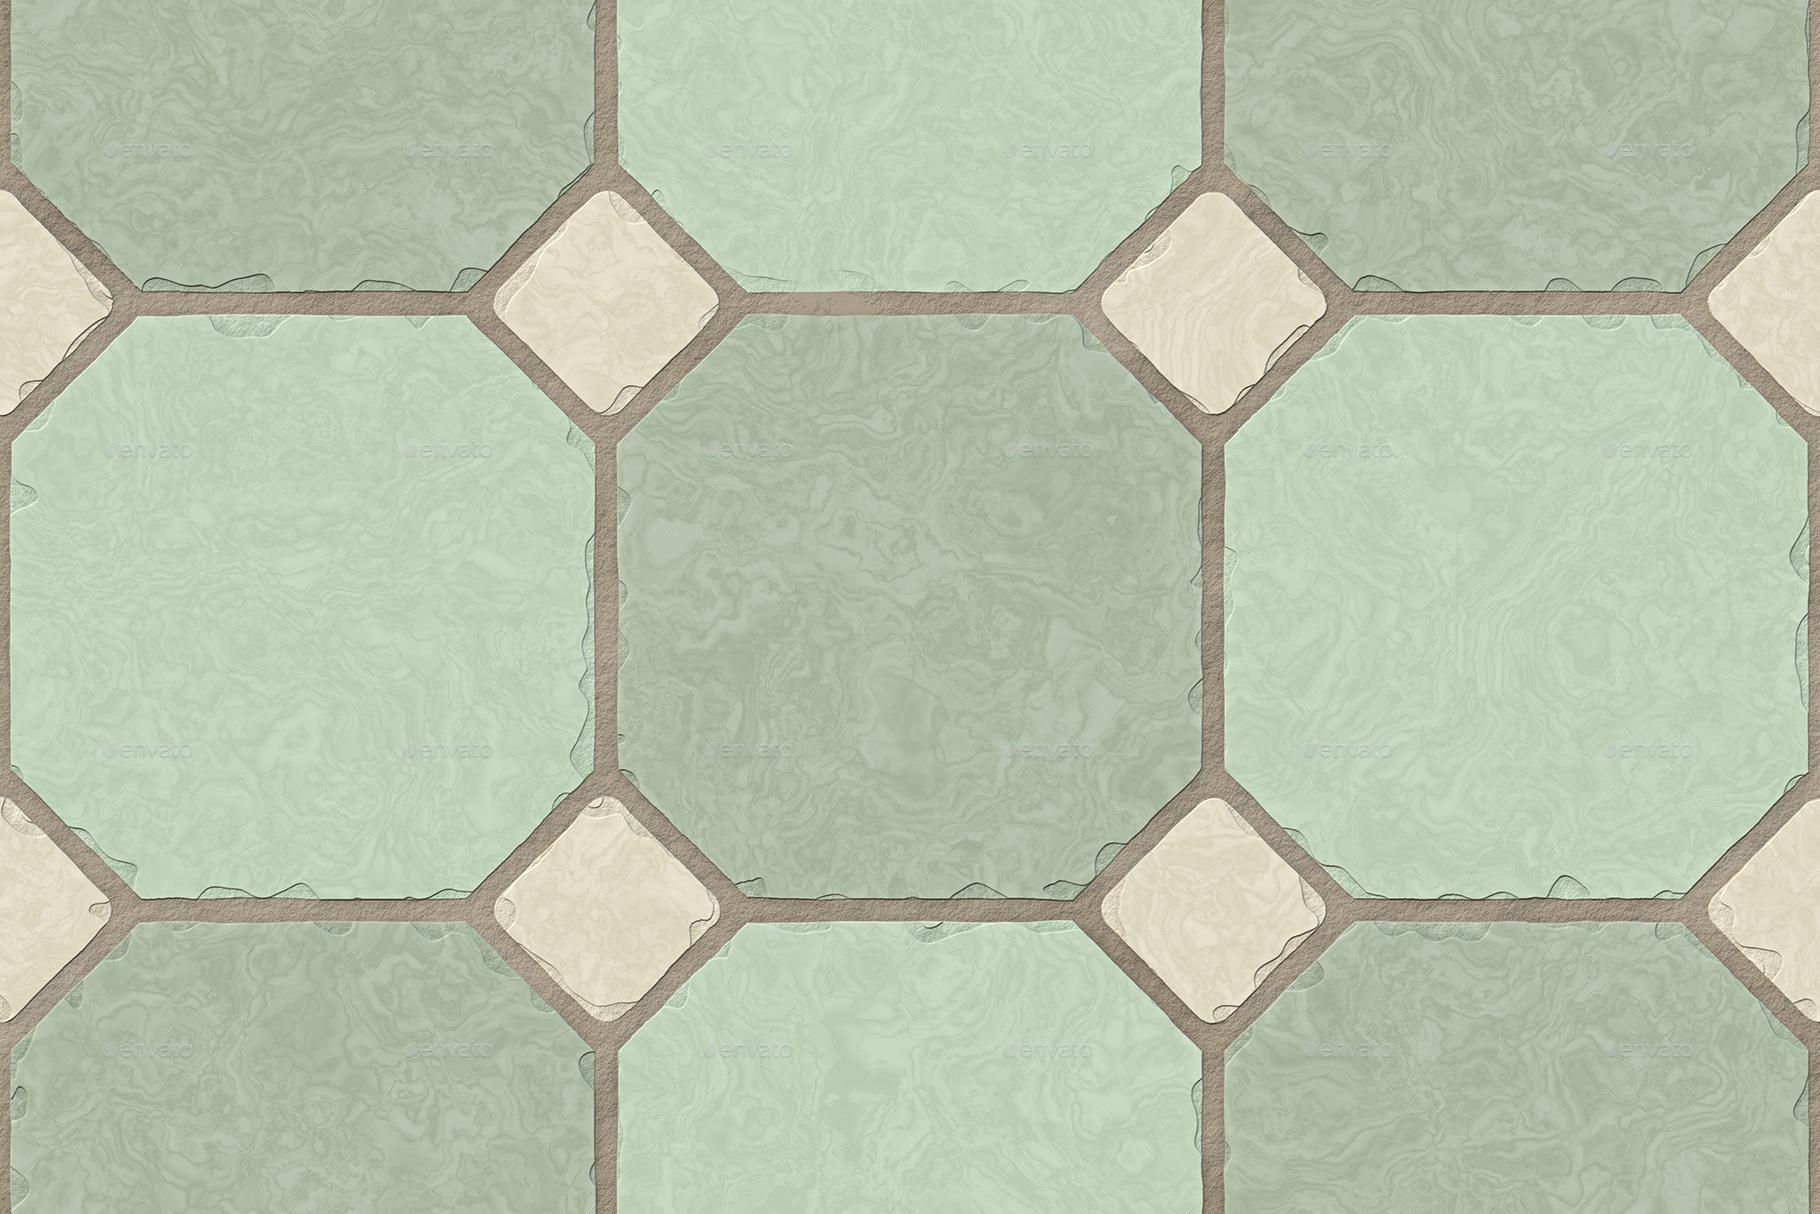 10 Classic Floor Tile Textures By Webcombo 3docean